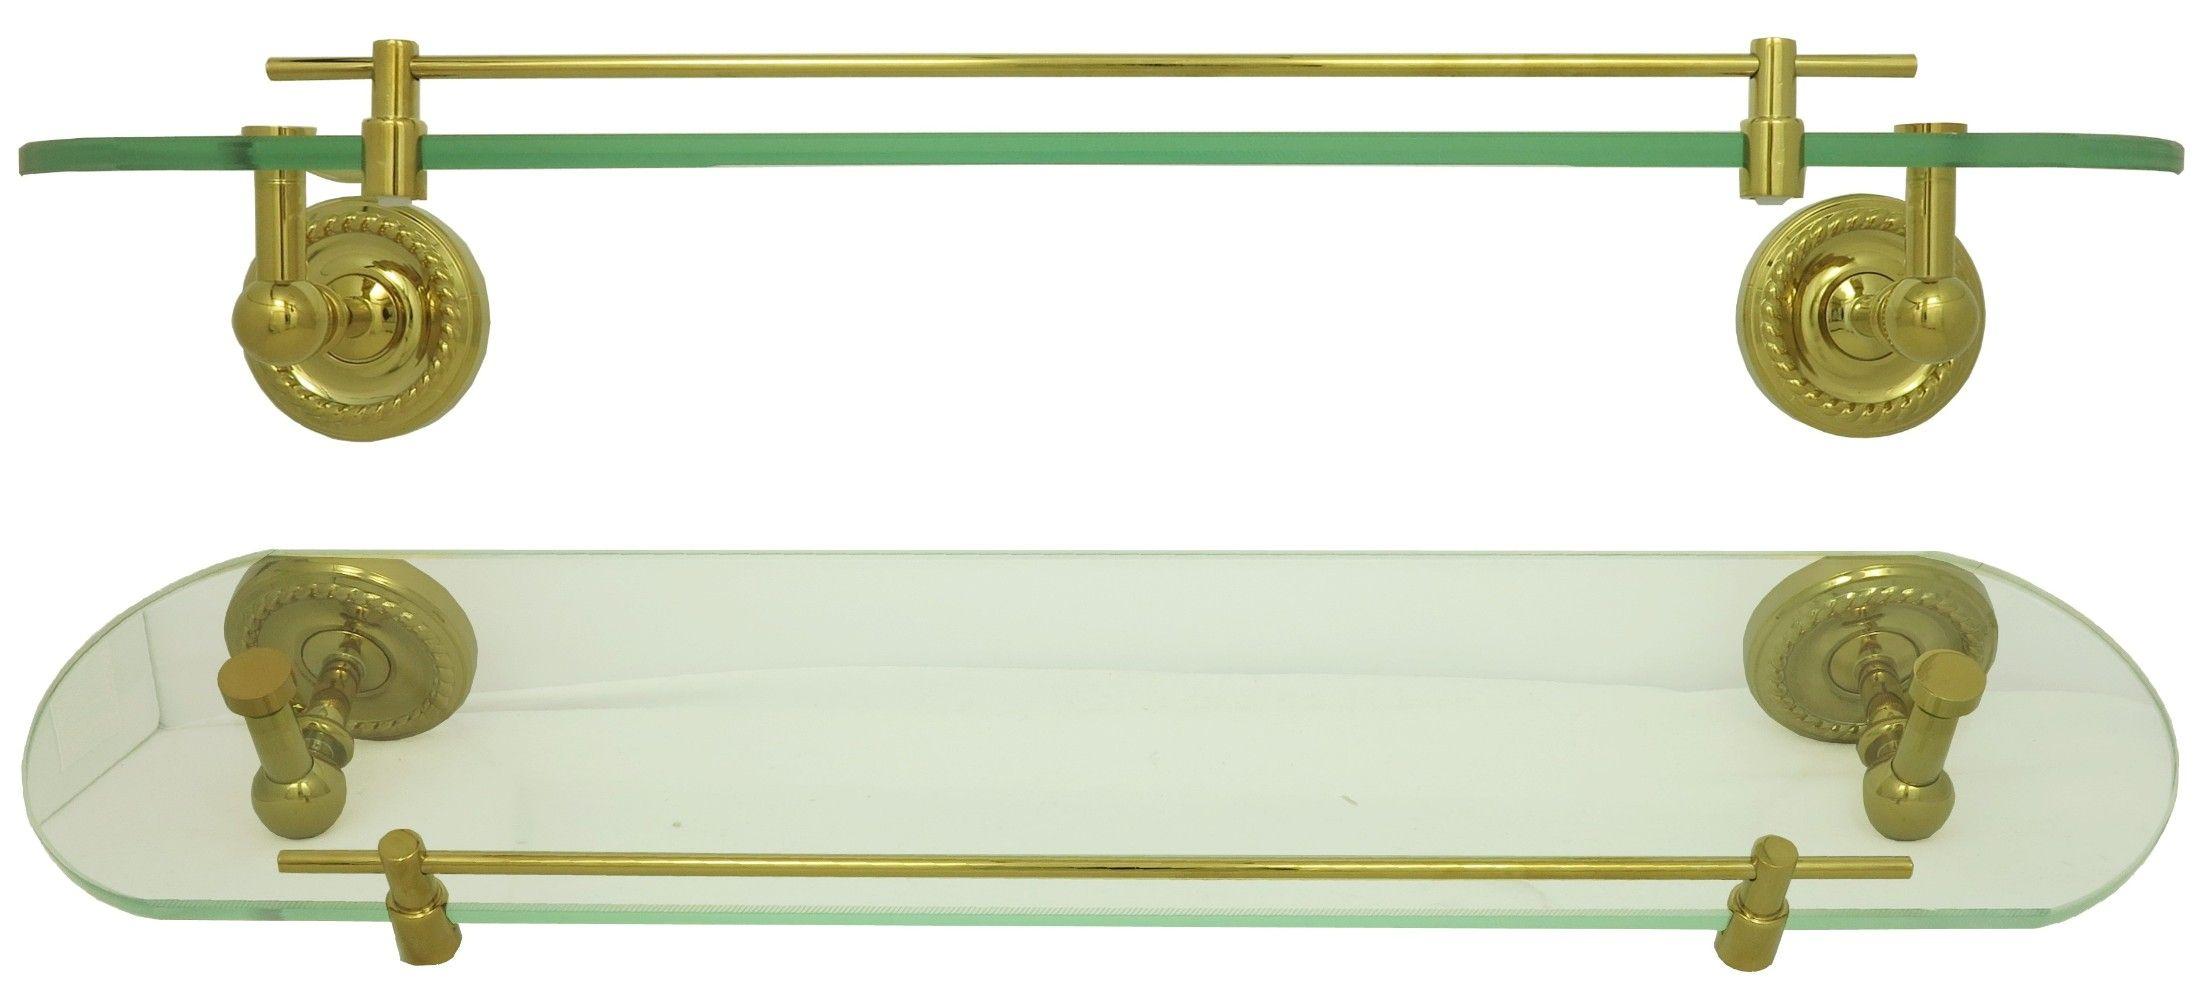 Retro Glasablage Ablagekonsole Badablage Glas Regal Ablage Bad Gold 9012 |  Badarmaturen Welt.de